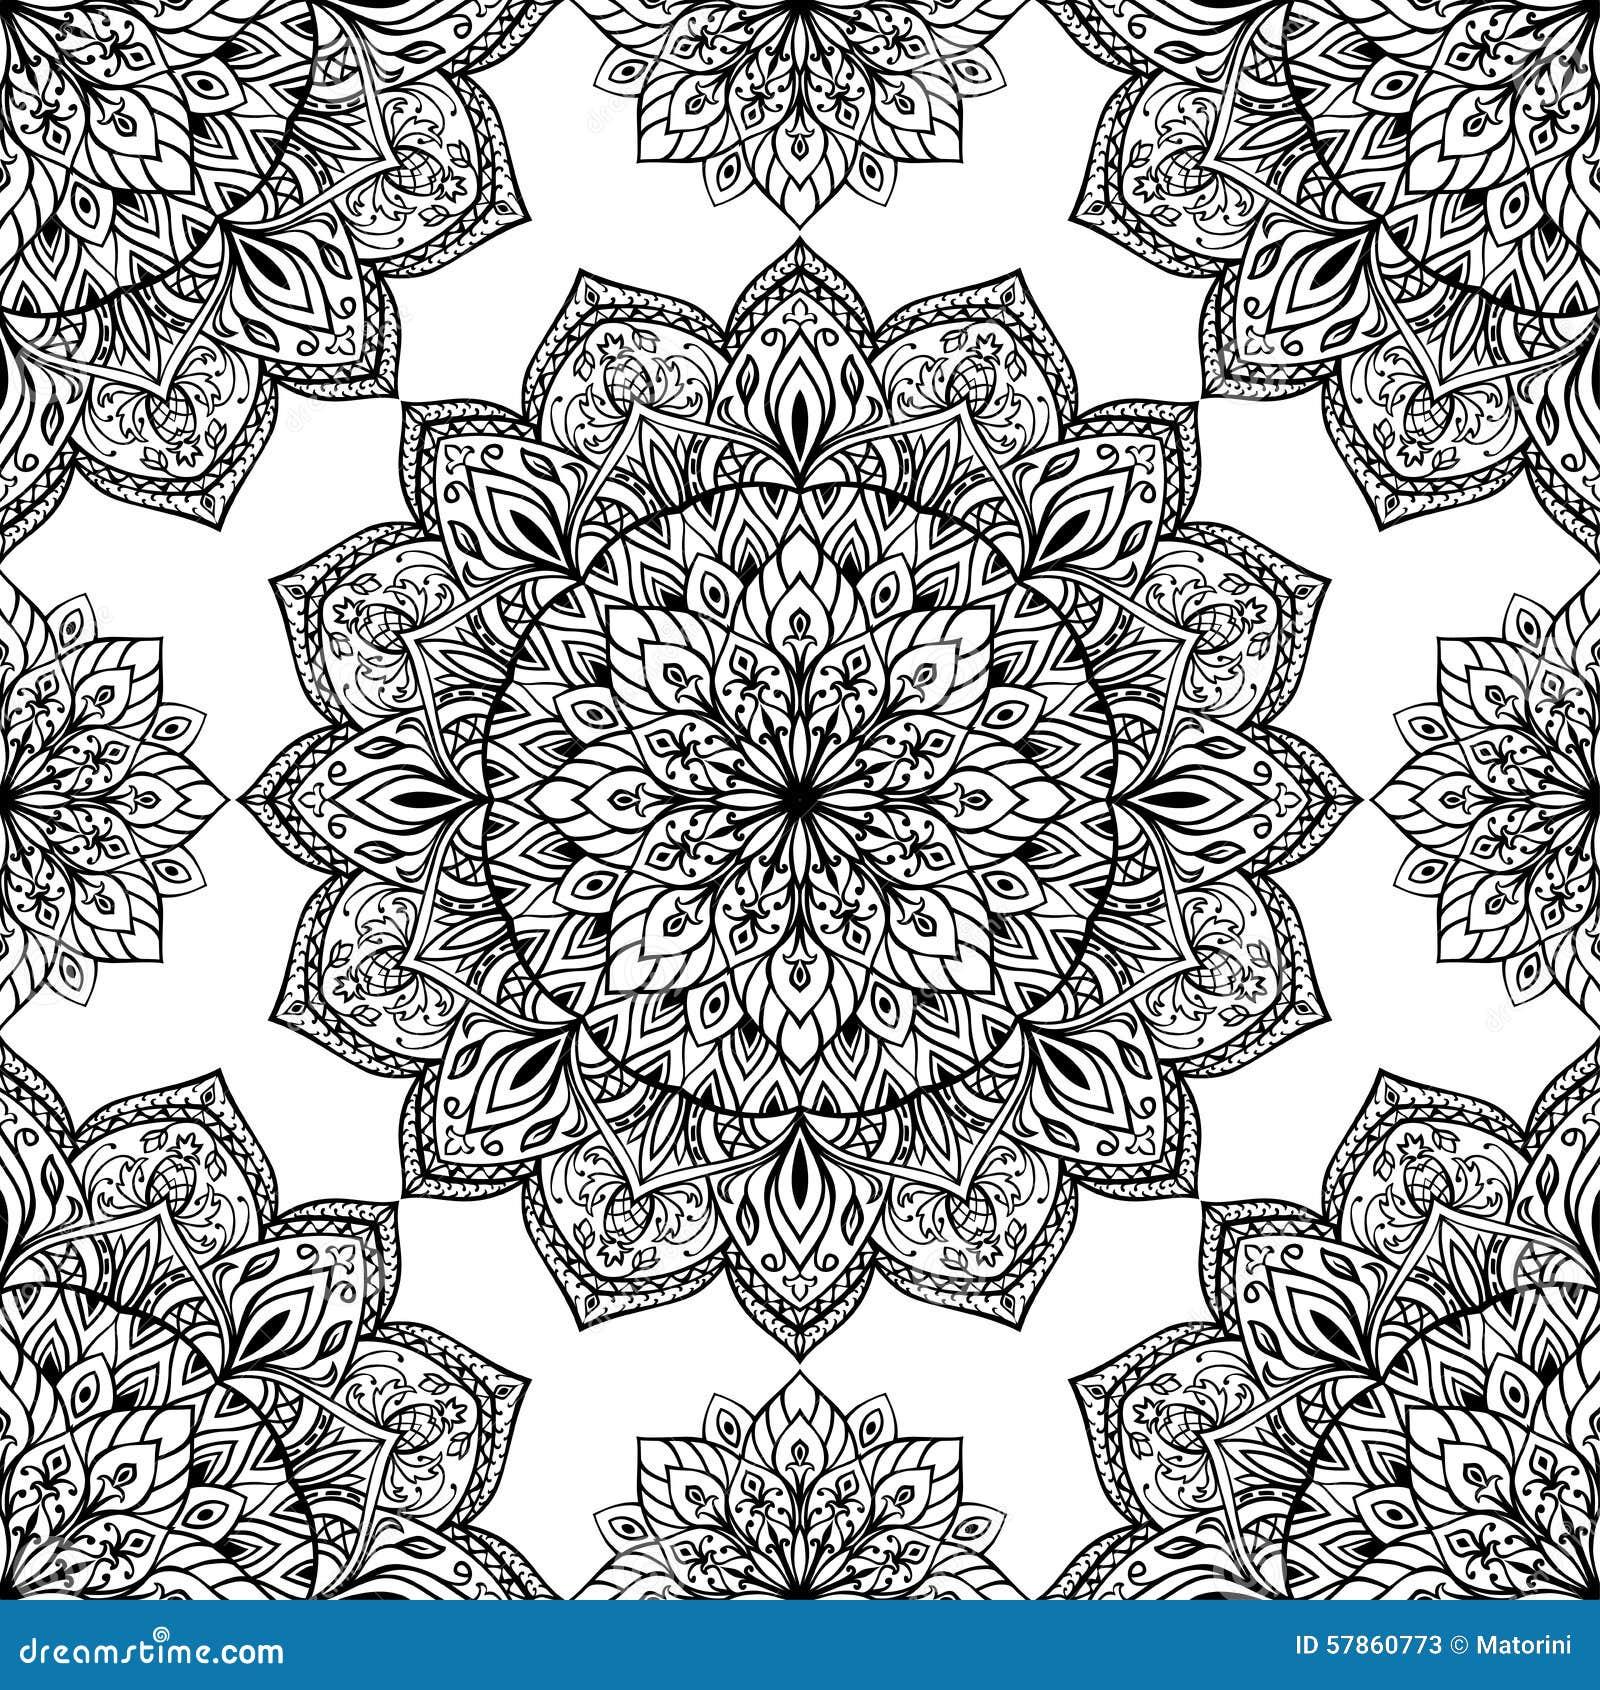 orientalisches muster von mandalen vektor abbildung bild. Black Bedroom Furniture Sets. Home Design Ideas